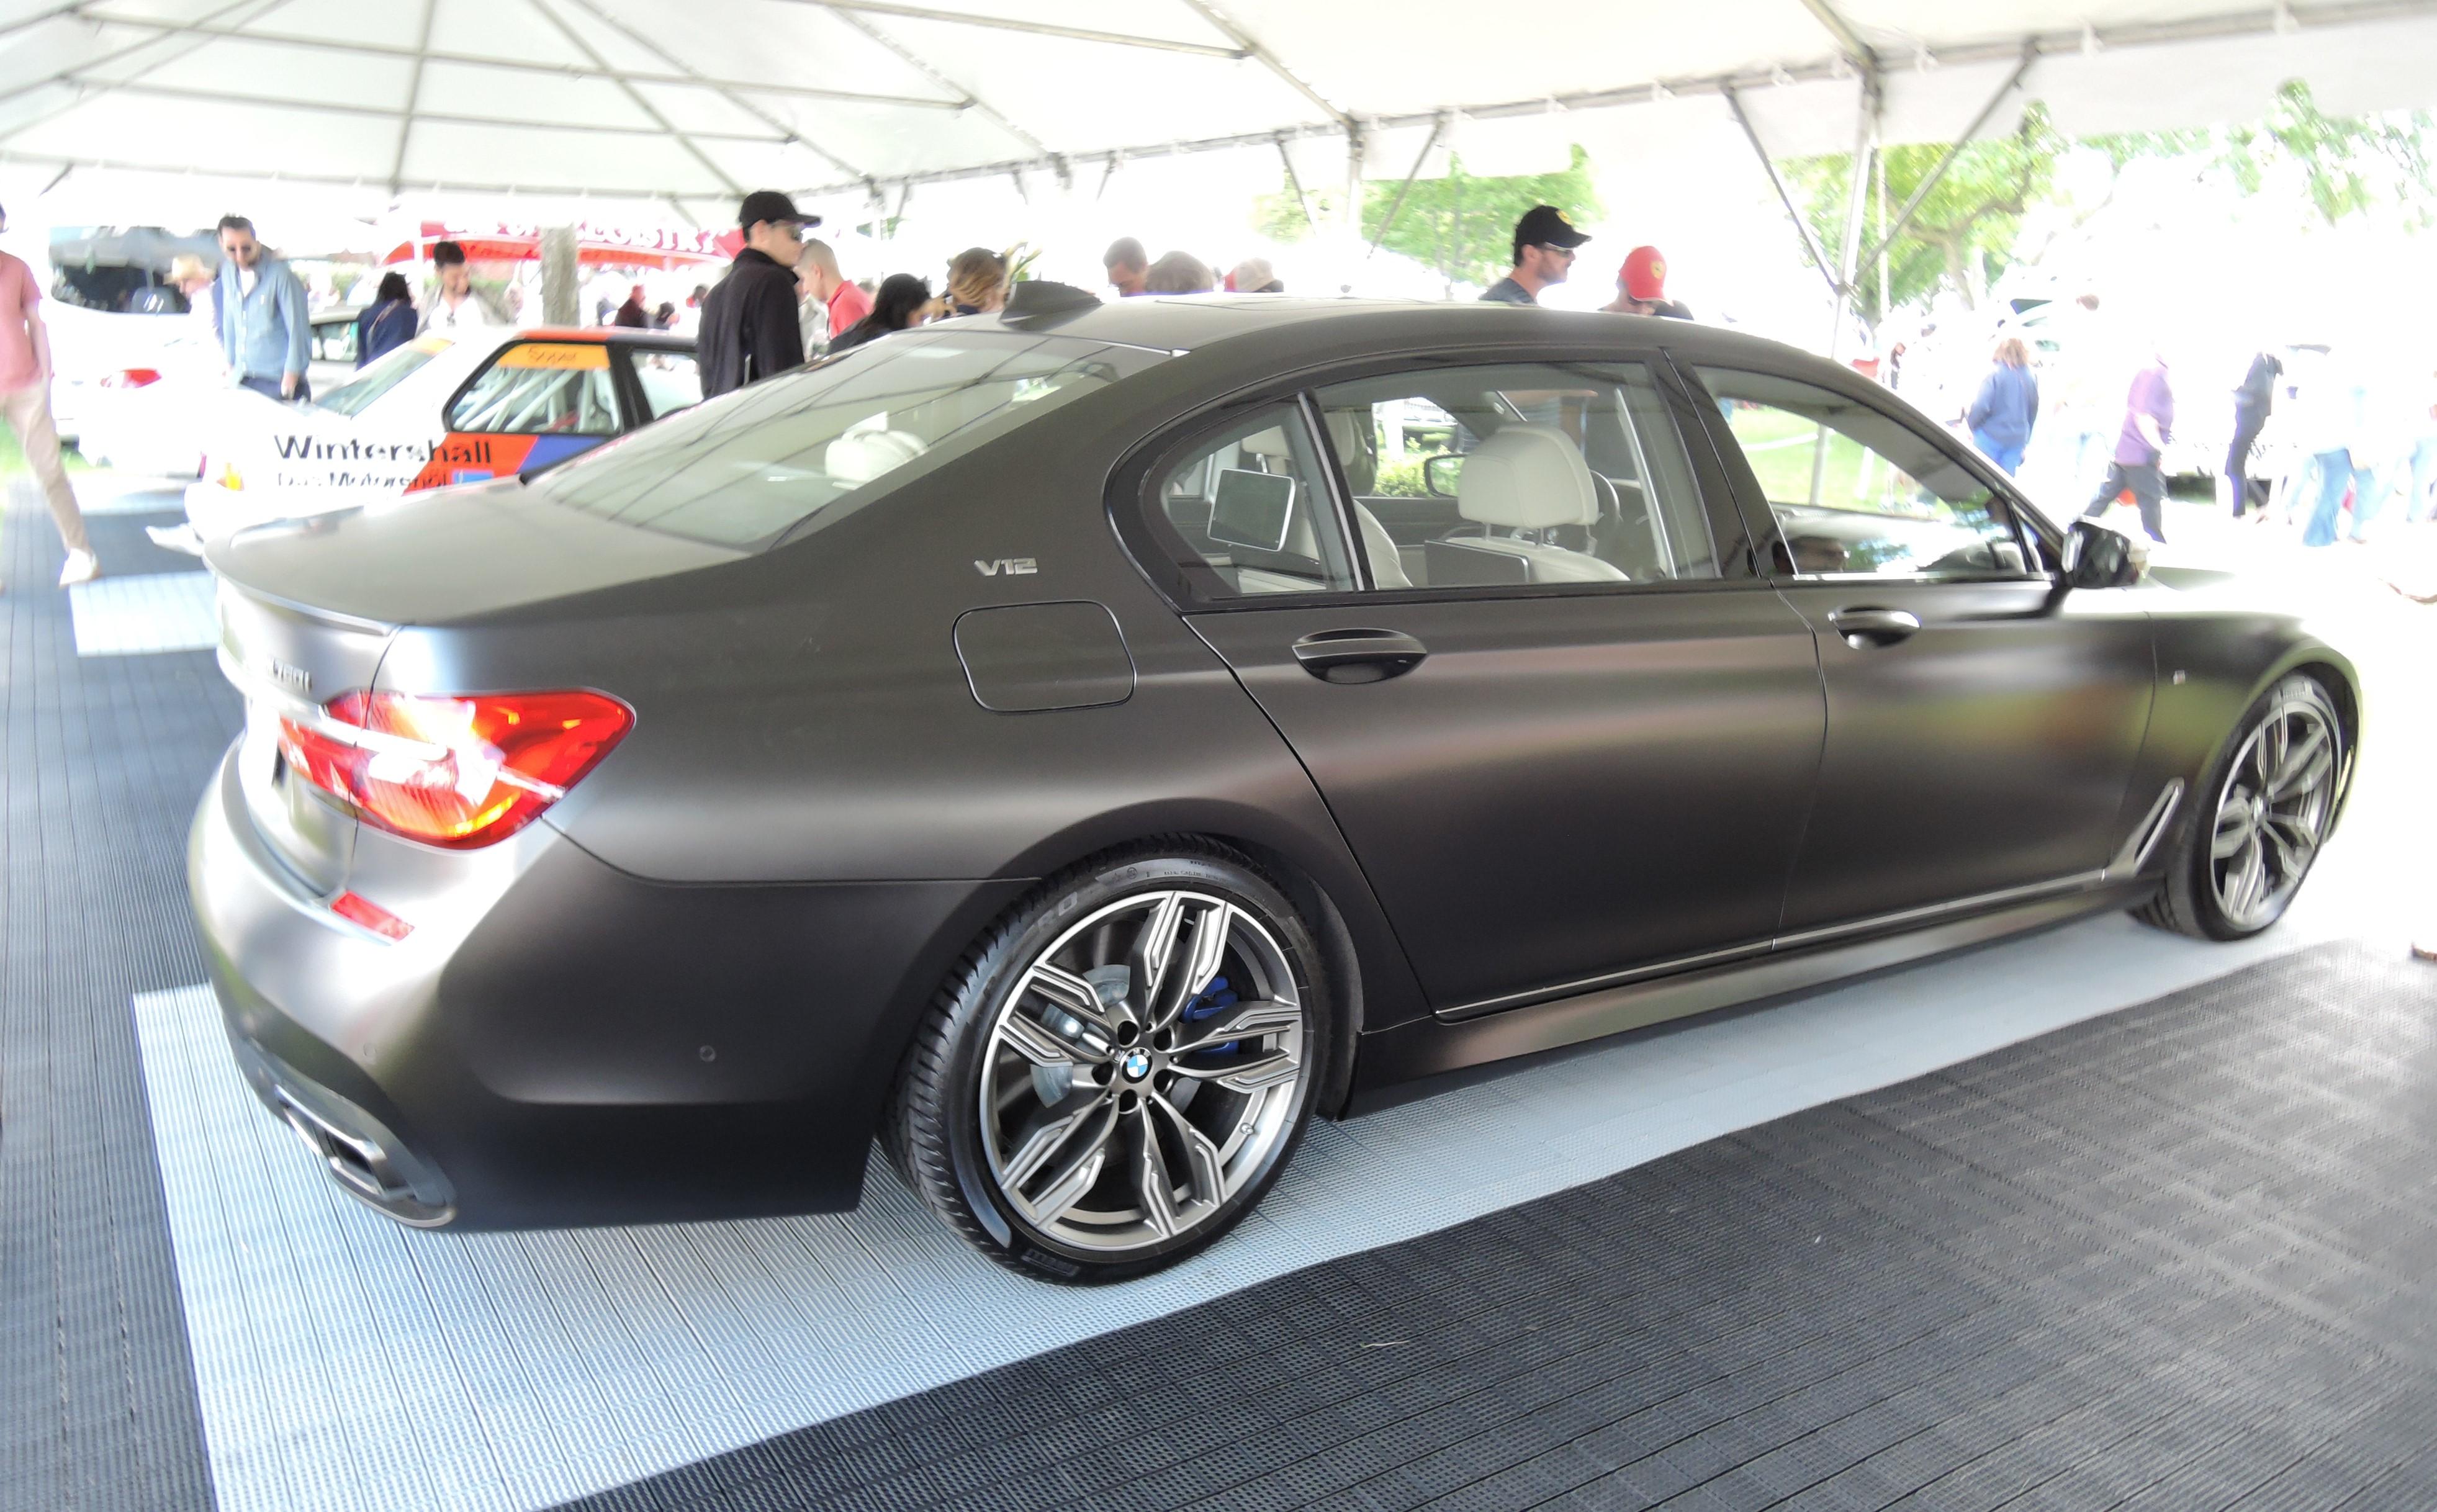 flat black 2017 BMW M760I sedan - Greenwich Concours d'Elegance 2017